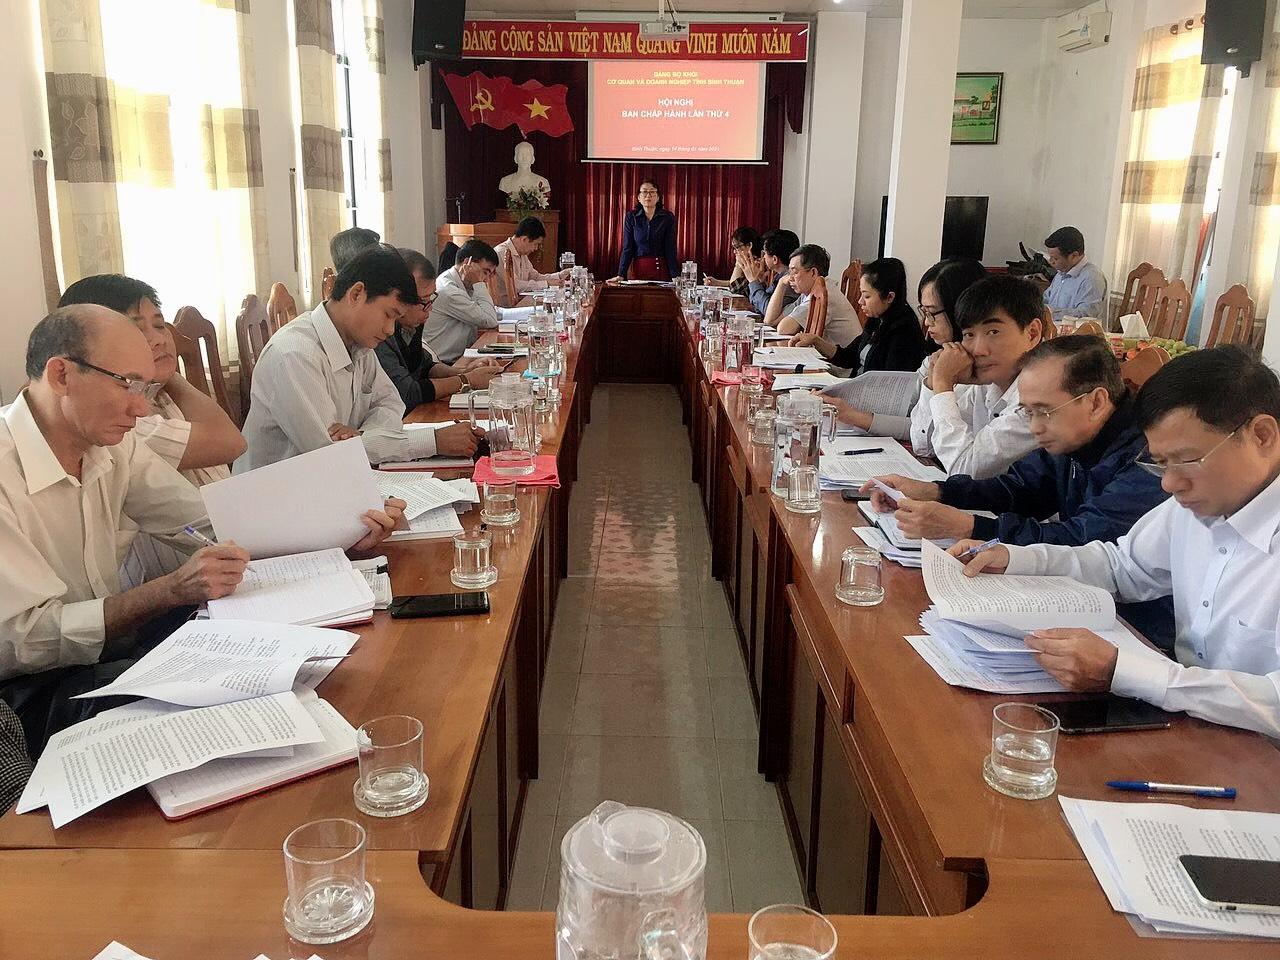 Hình Hội nghị Ban Chấp hành Đảng bộ Khối cơ quan và doanh nghiệp tỉnh lần thứ 4